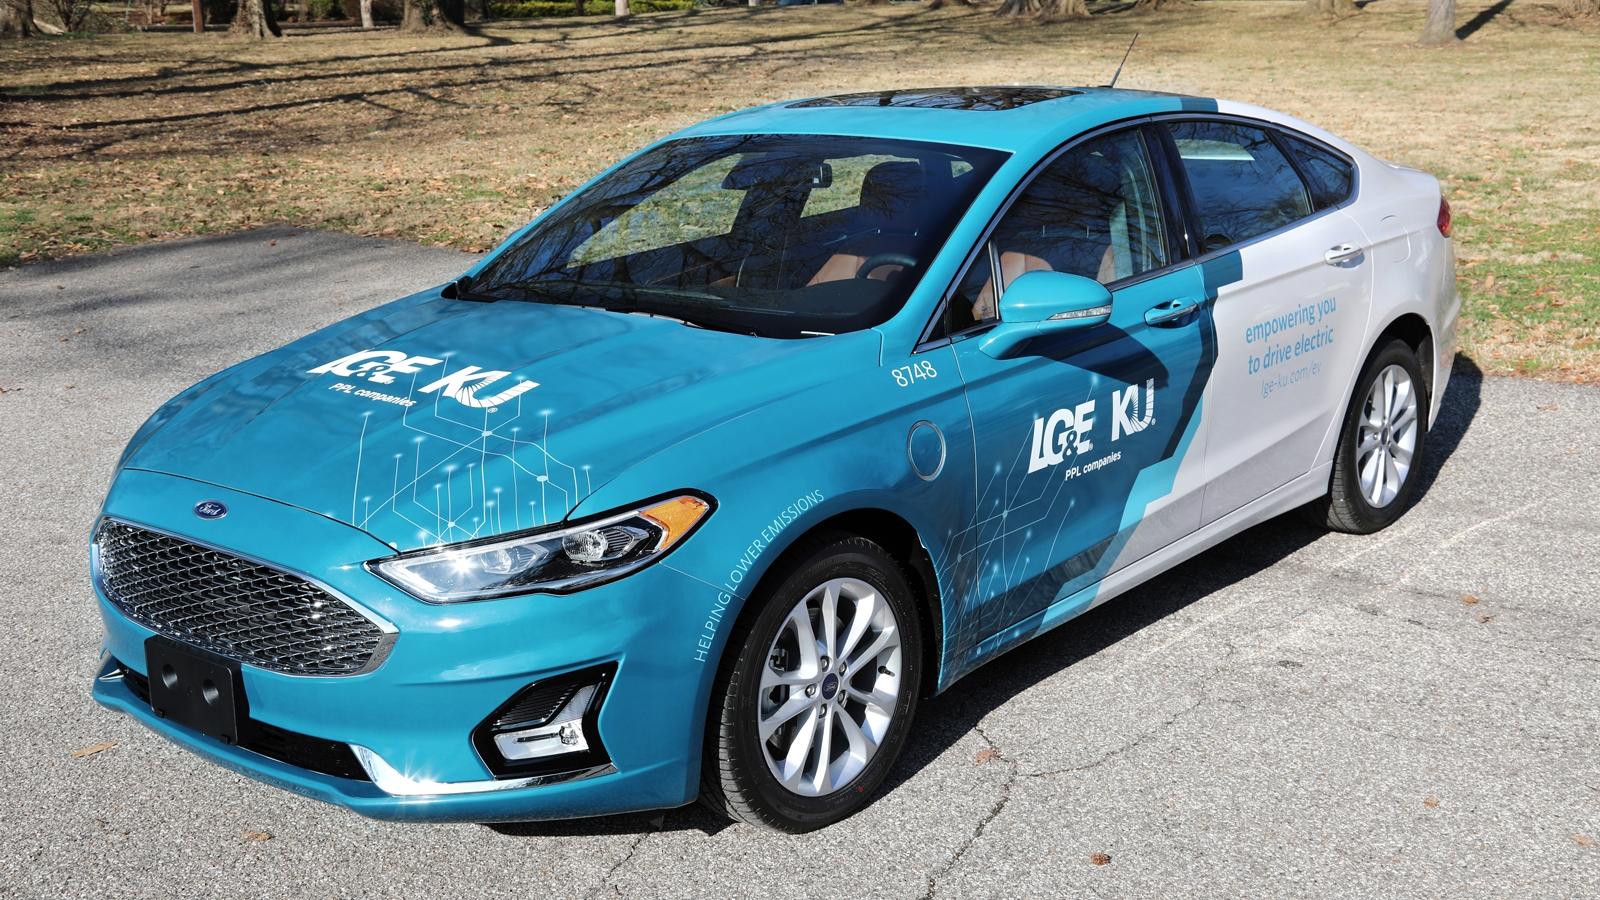 LG&E and KU Ford Fusion EV